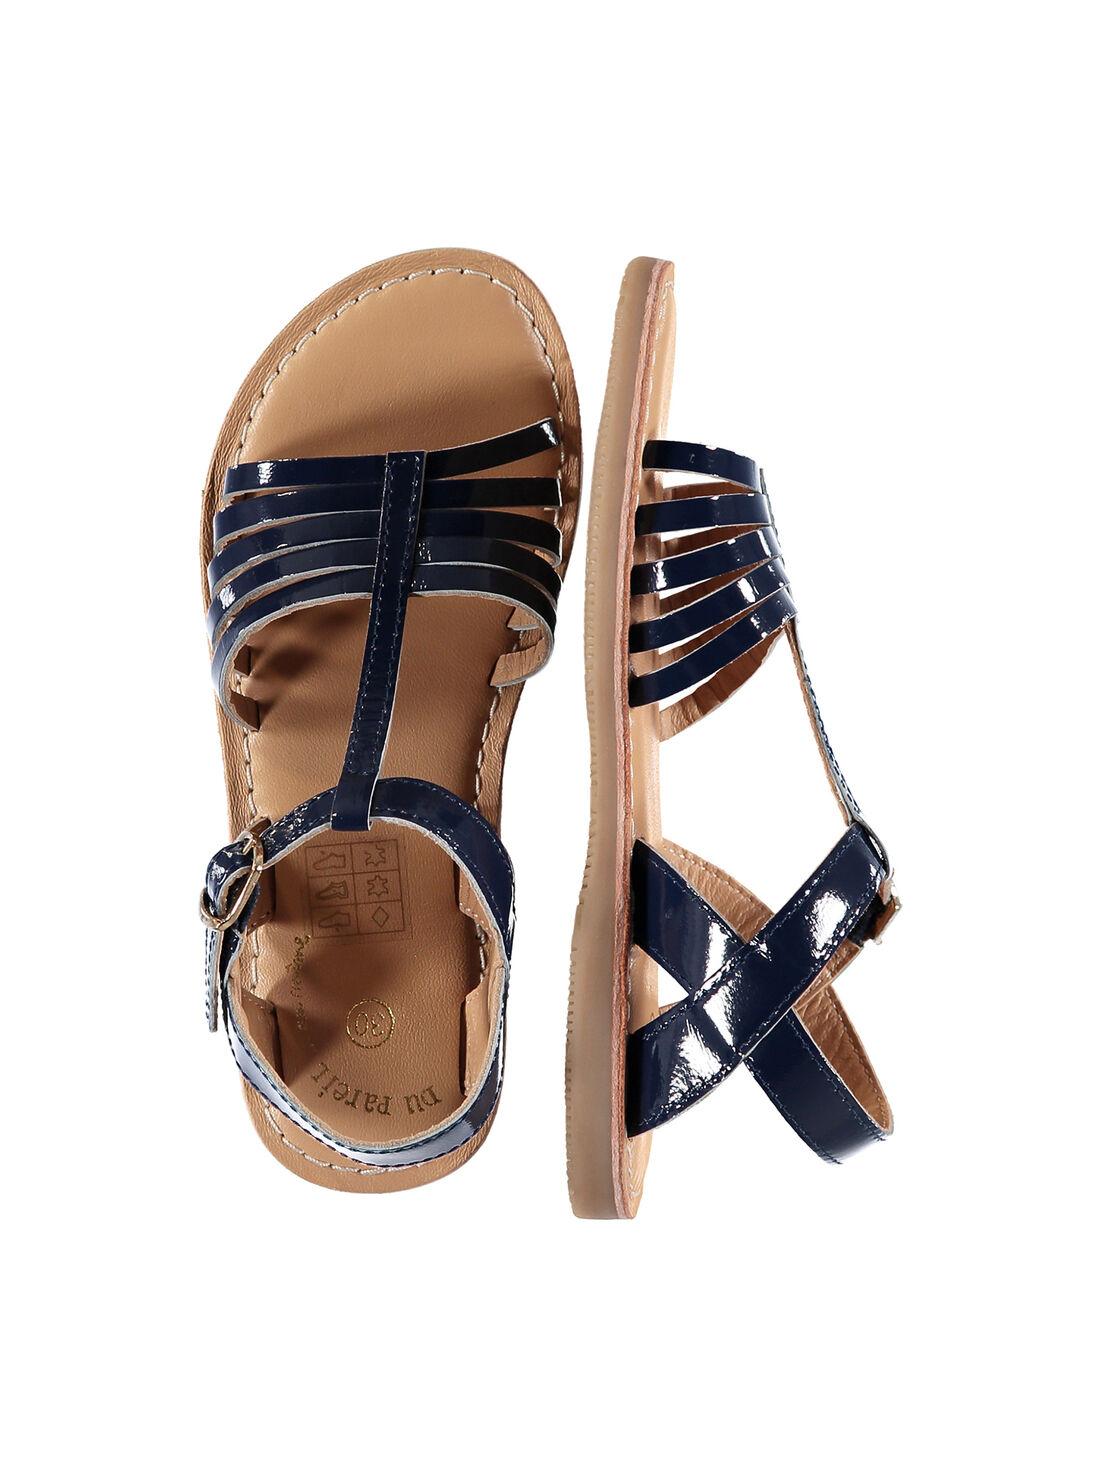 Sandalen aus Lackleder für draußen Mädchen